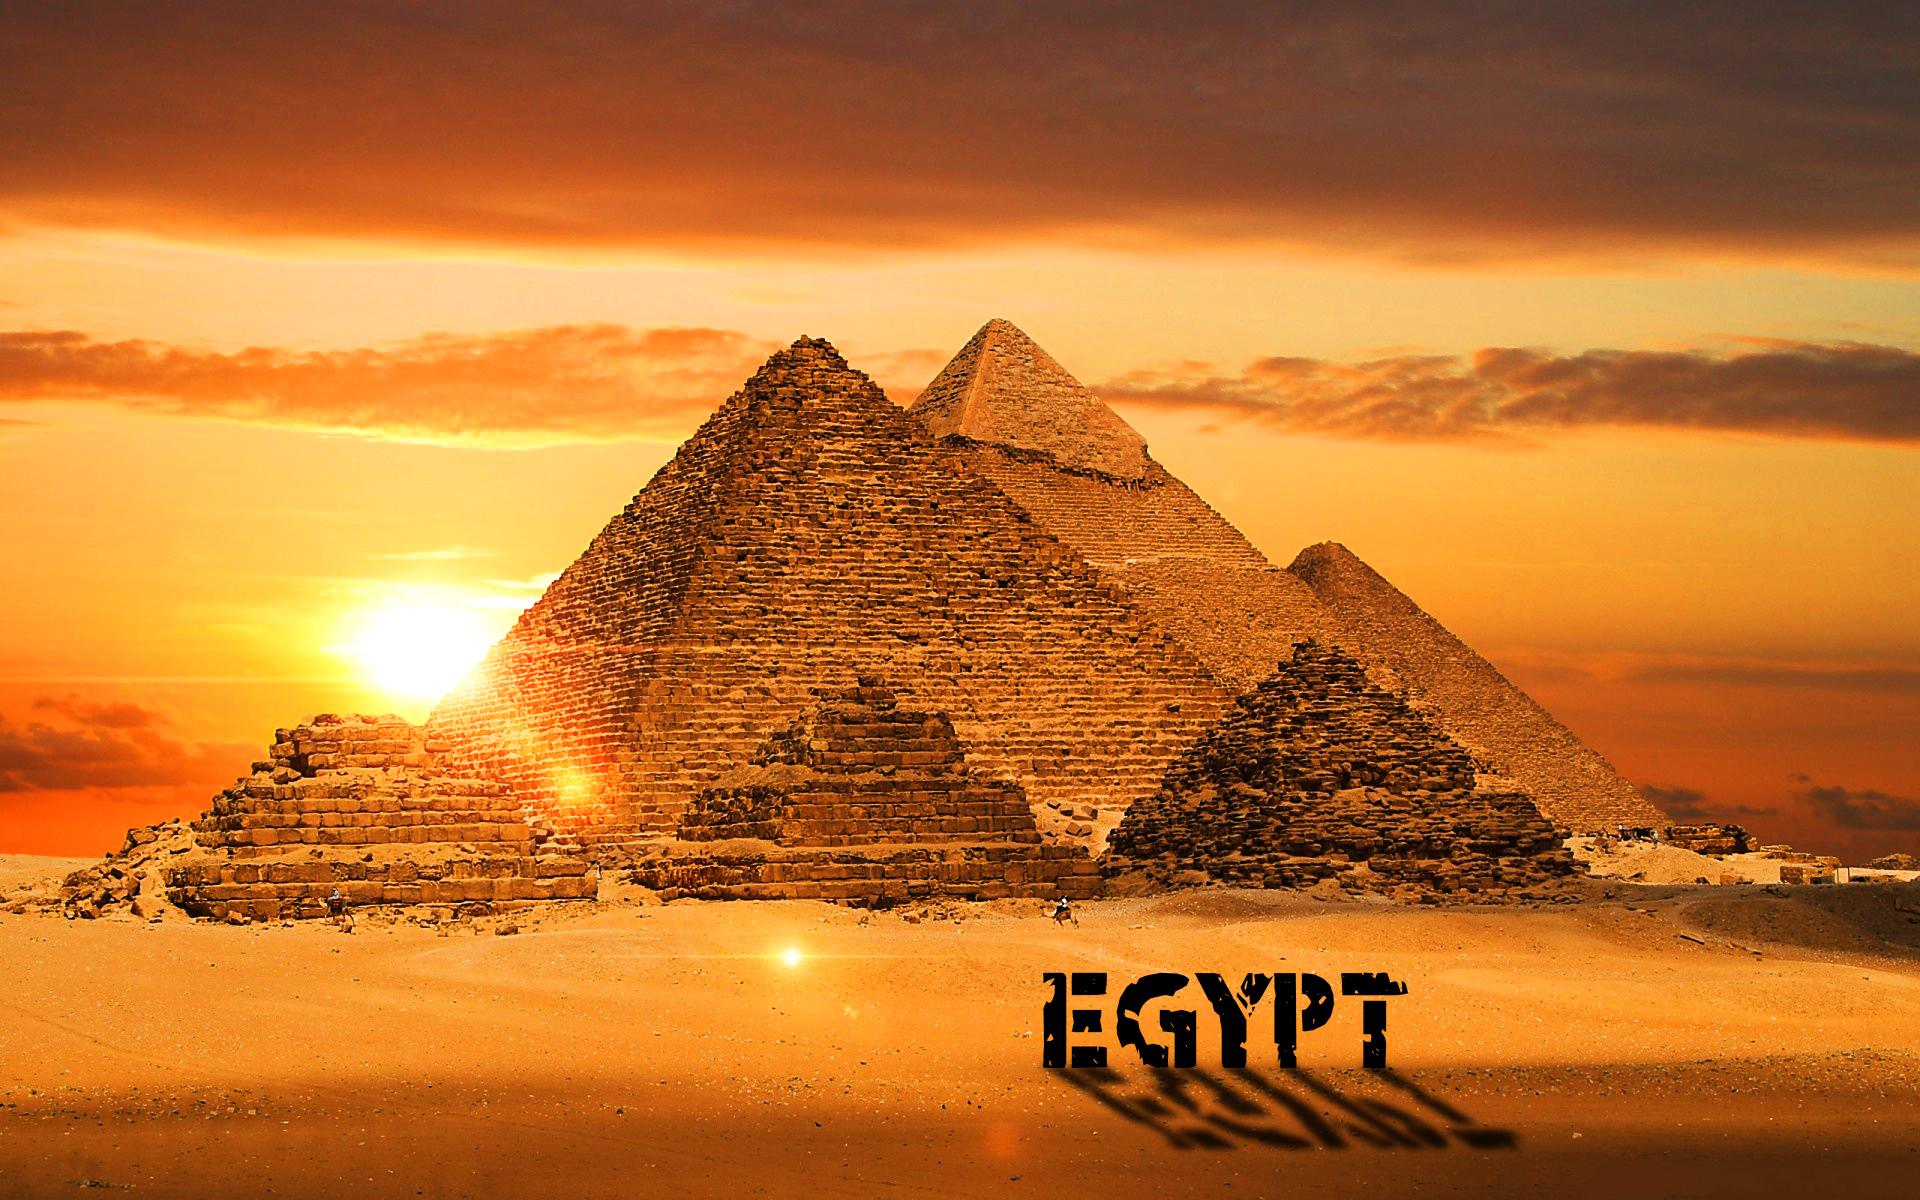 مصر معلومات عن مصر